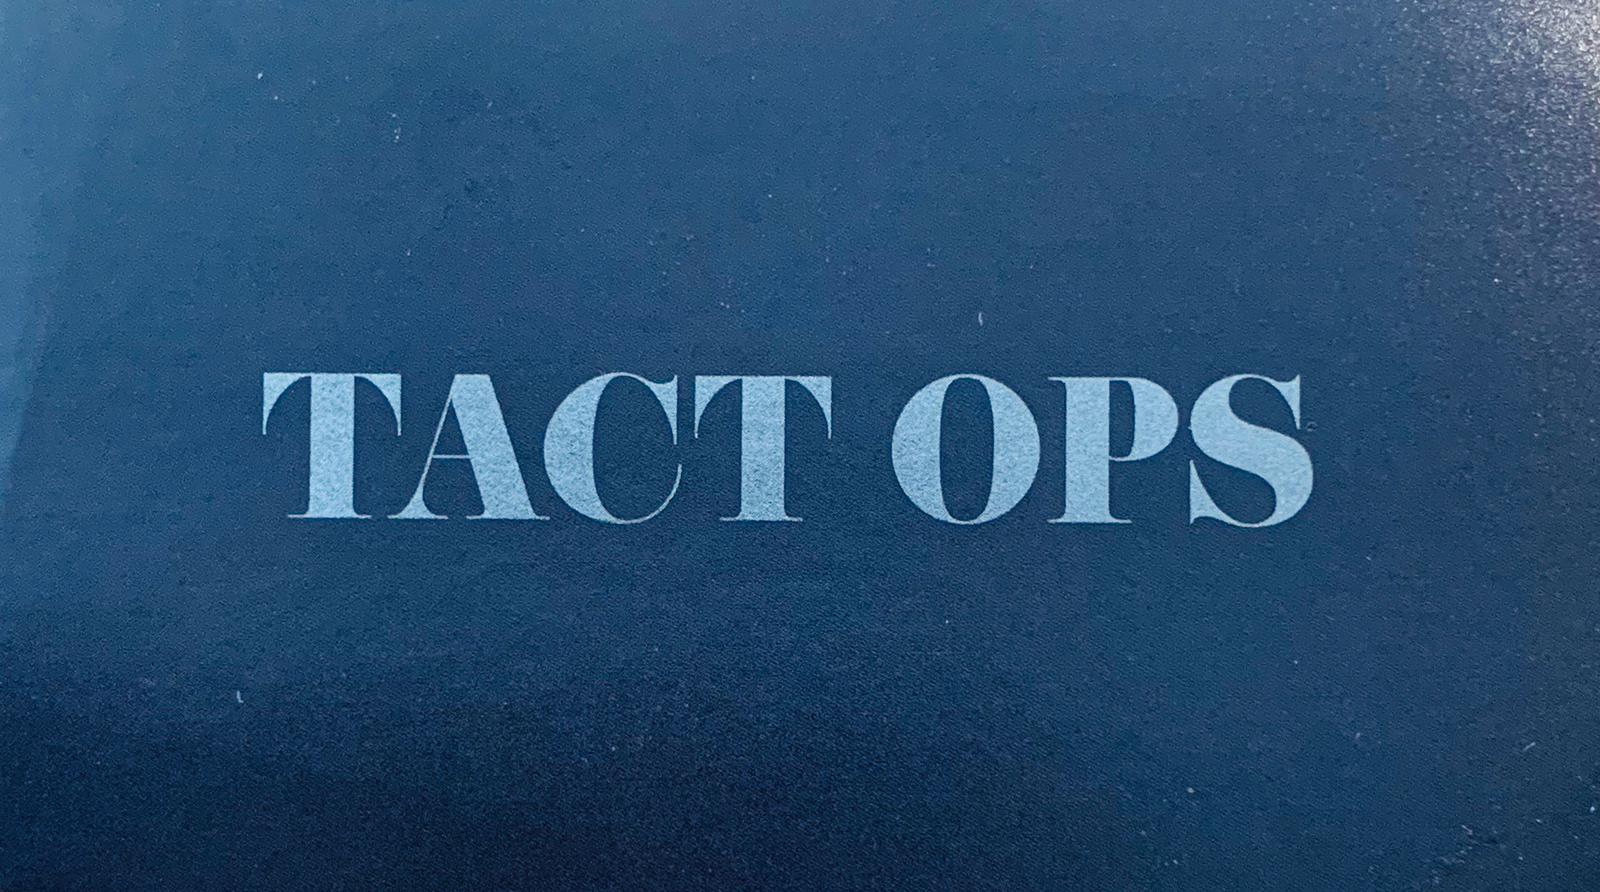 Tactopsusa Miami Self Defense techniques